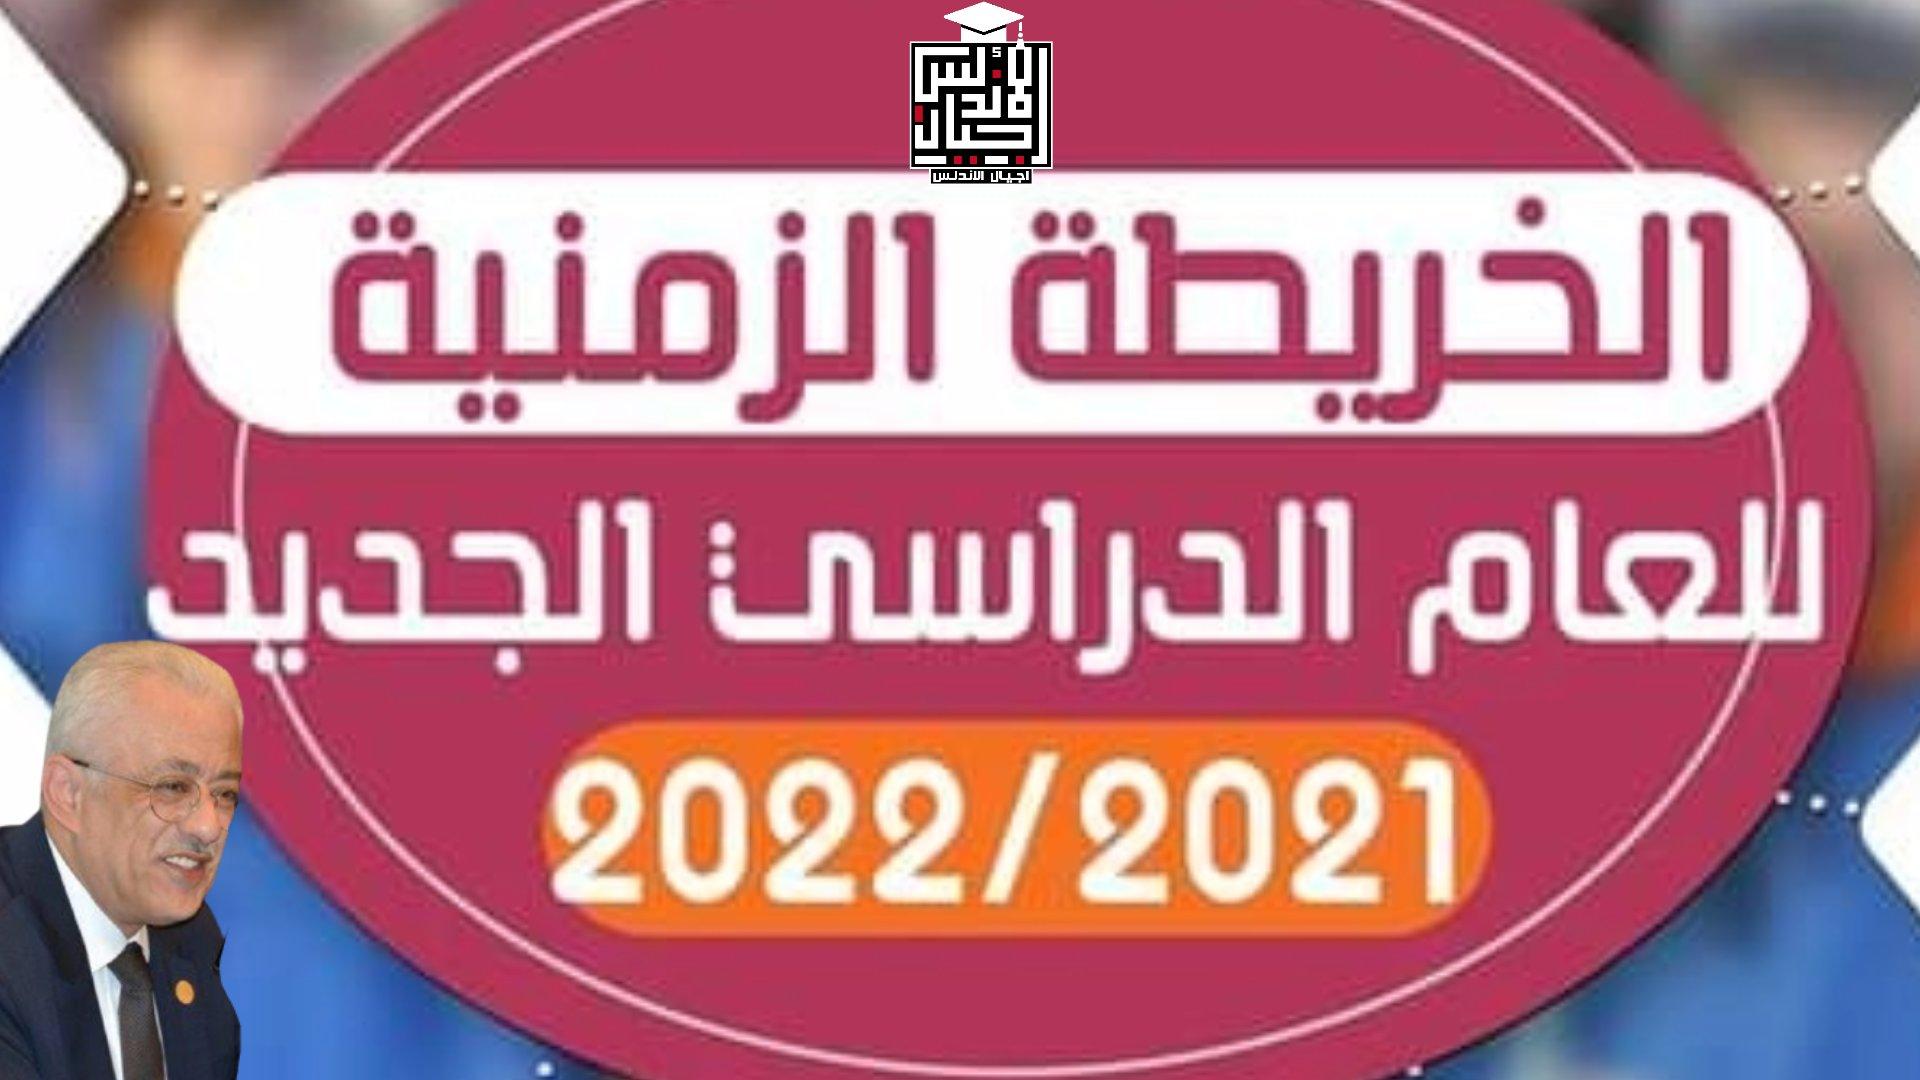 مواعيد الدراسة والاجازات   الخريطة الزمنية للعام الدراسي الجديد ٢٠٢١/ ٢٠٢٢